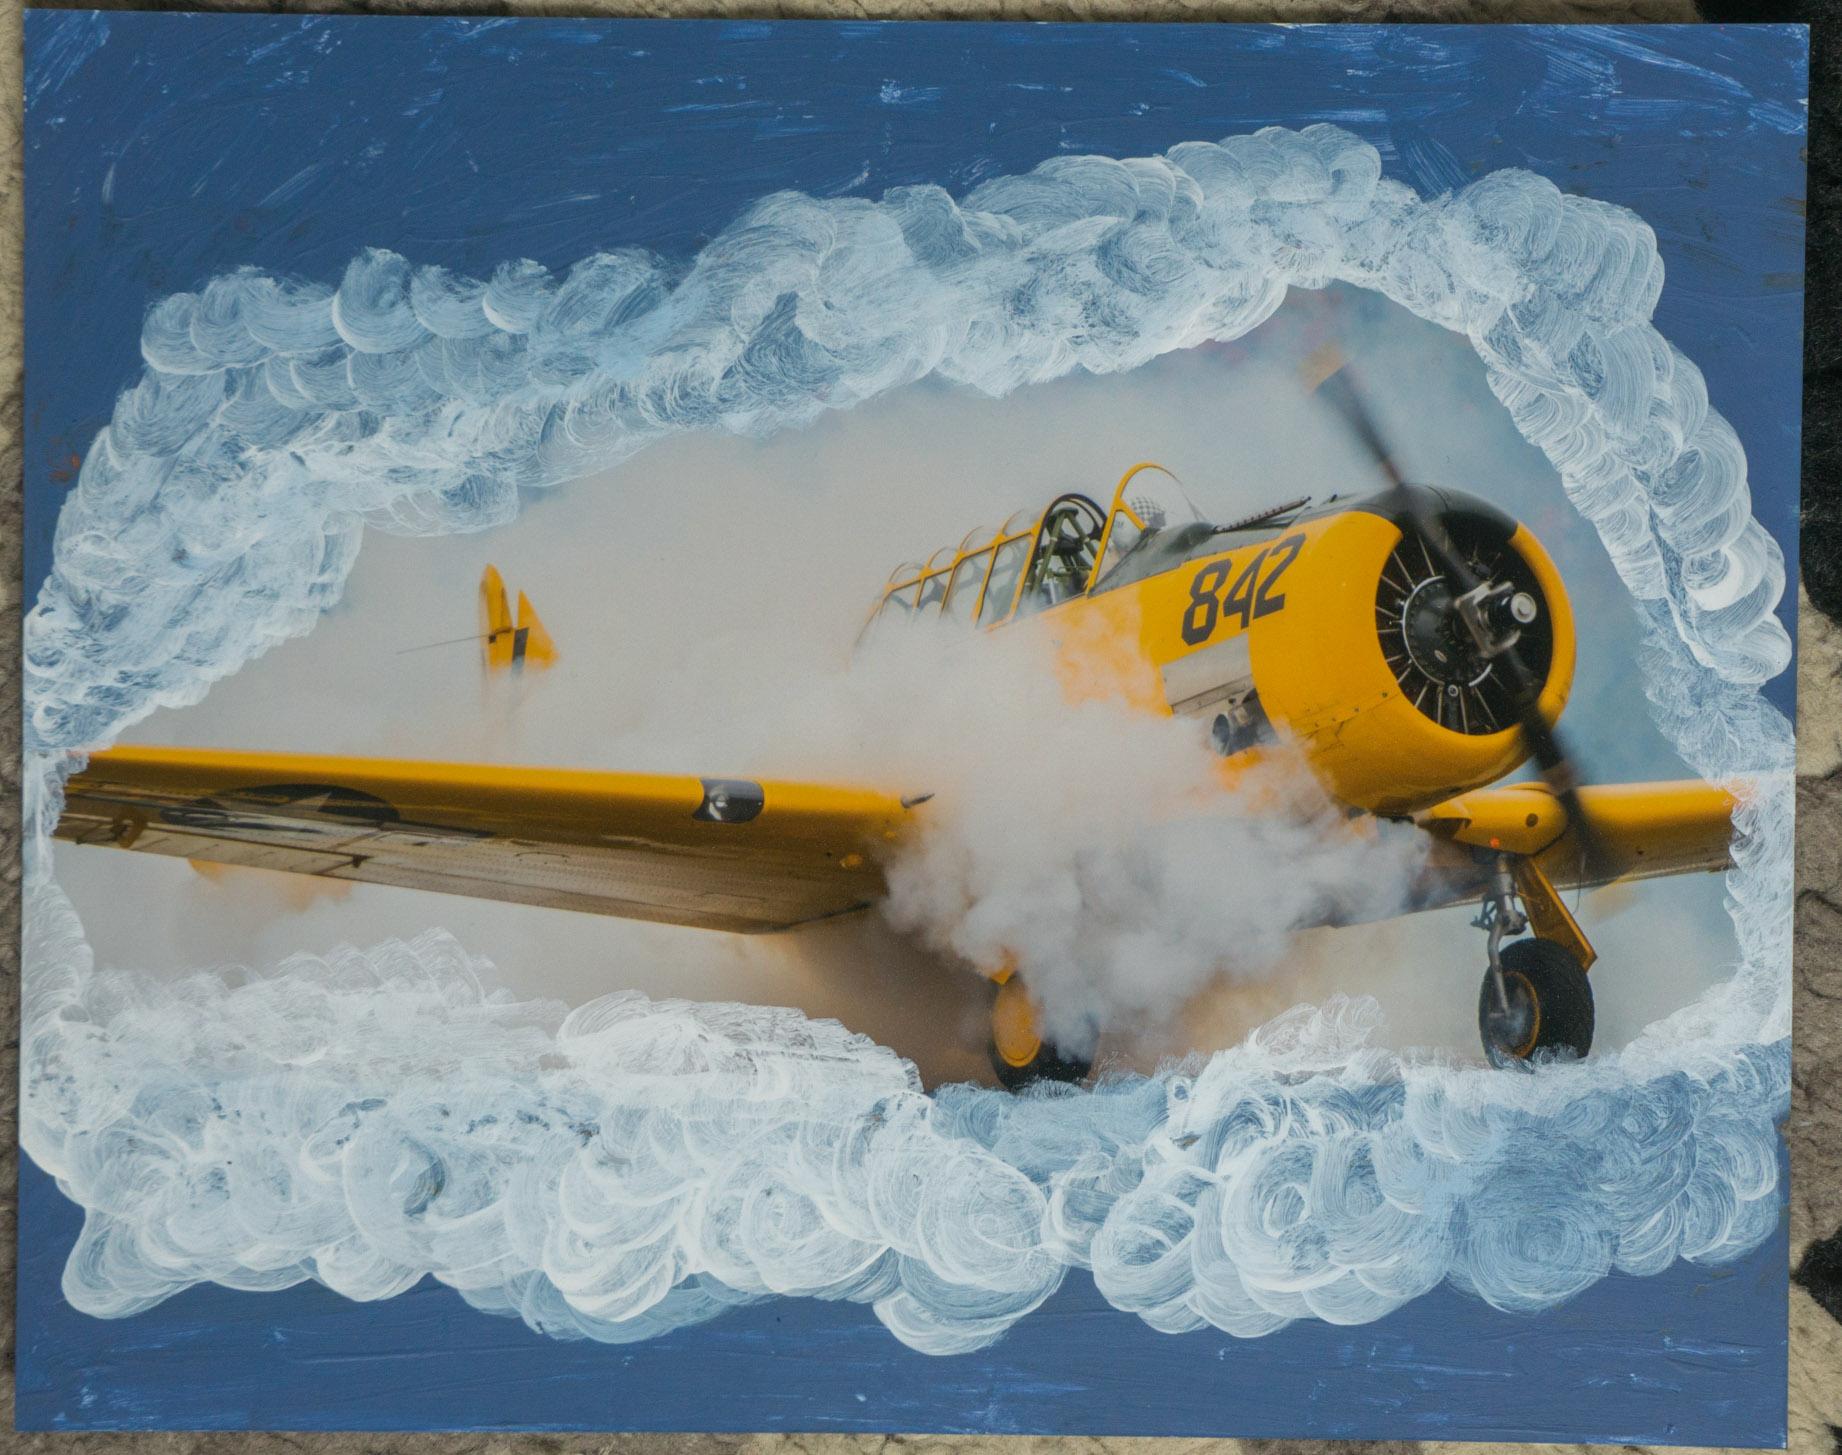 Plane smoke    (8x10 - print - acrylic